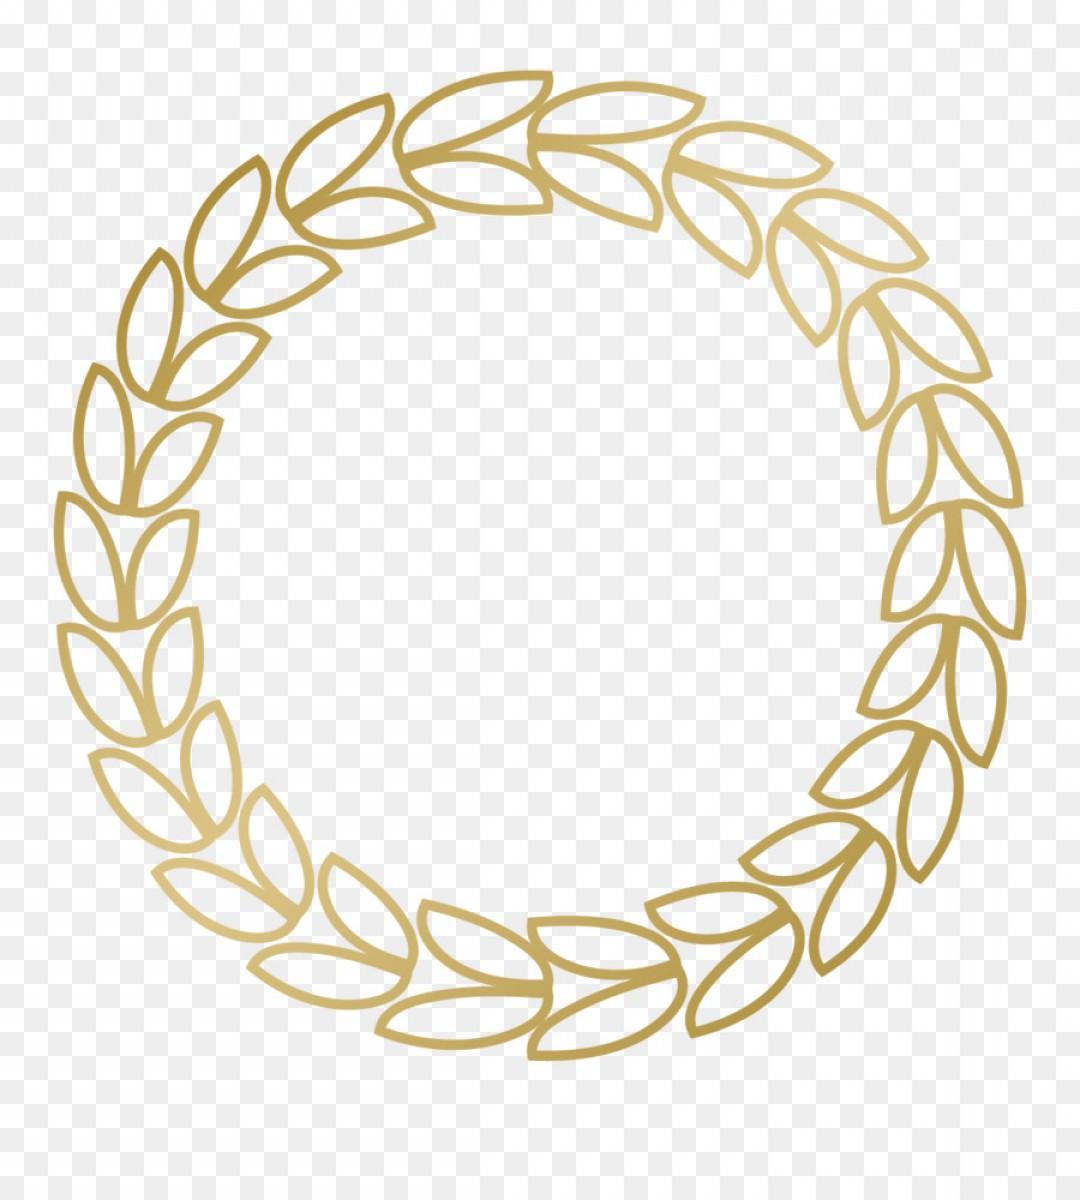 Png Euclidean Vector Circle Vector Circular Border.